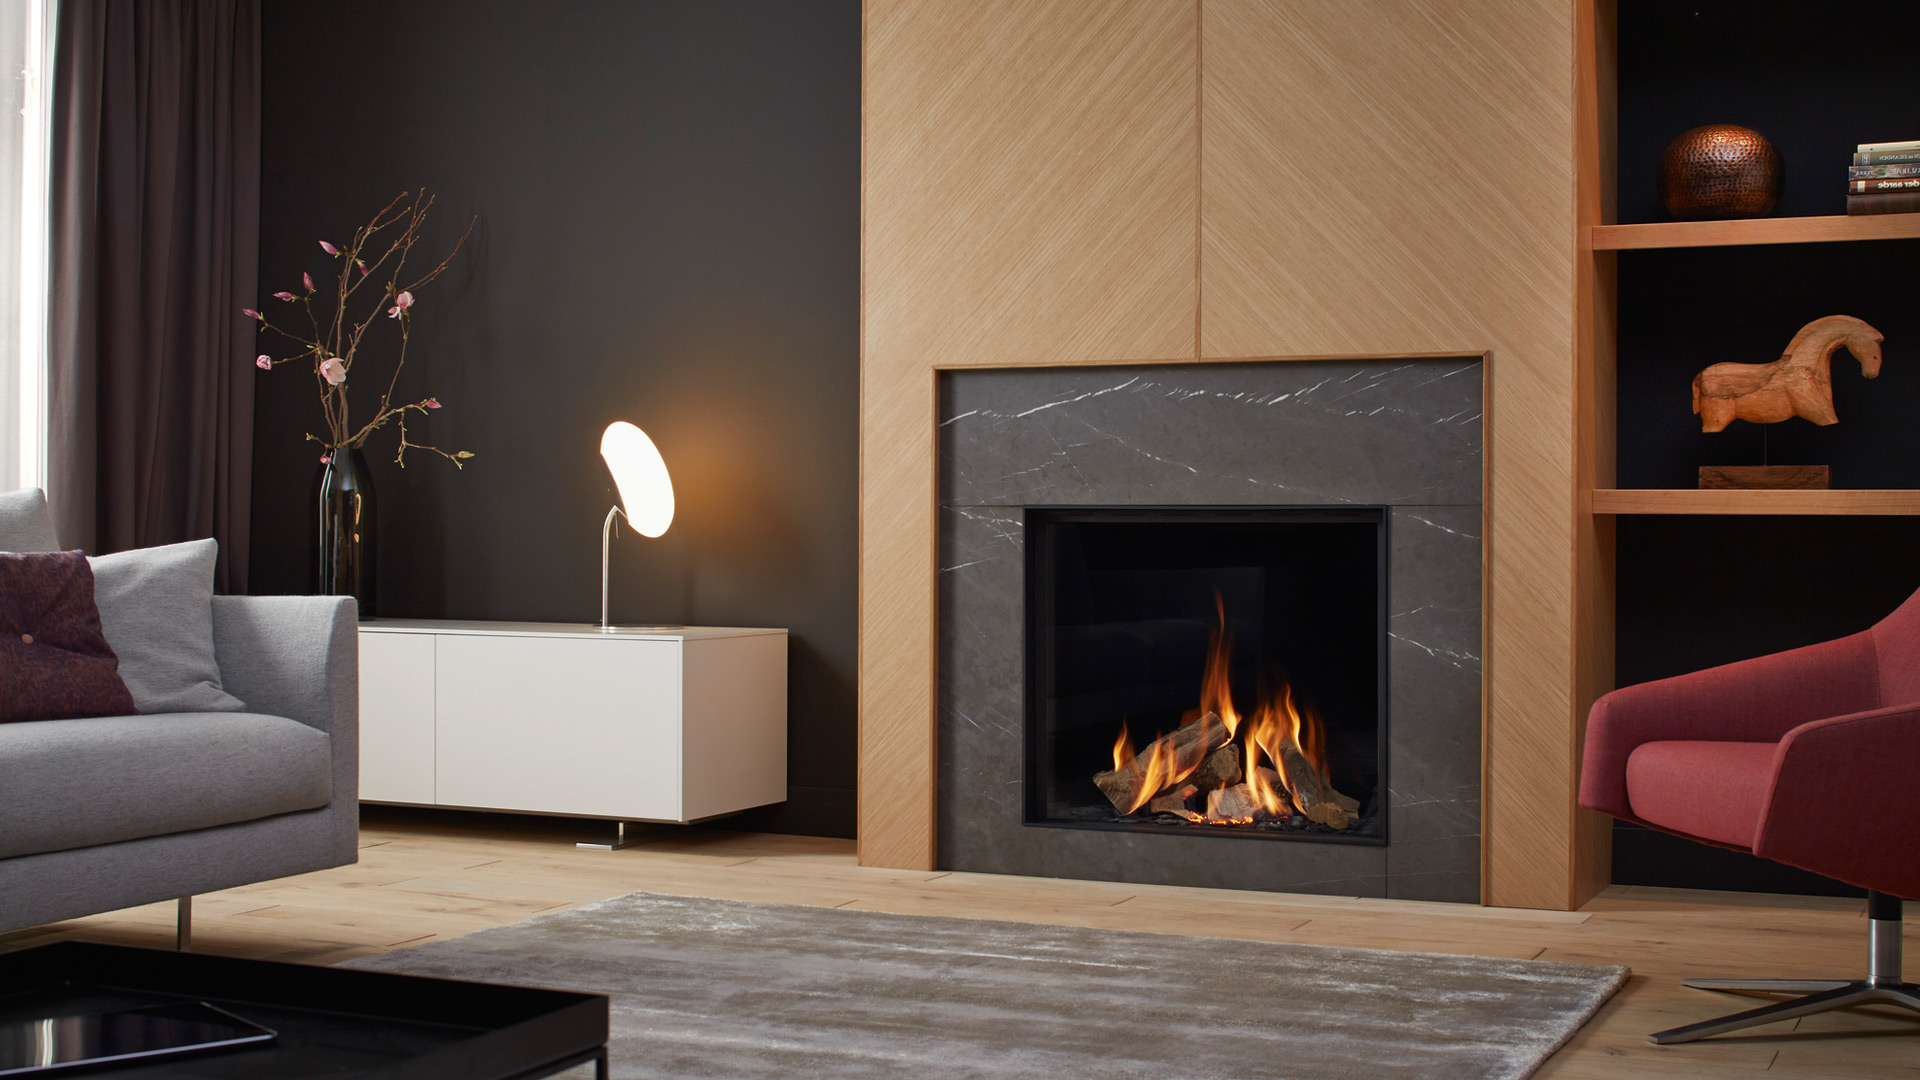 wirtschaftlichkeit mit komfort der gasbefeuerte heizkamin. Black Bedroom Furniture Sets. Home Design Ideas